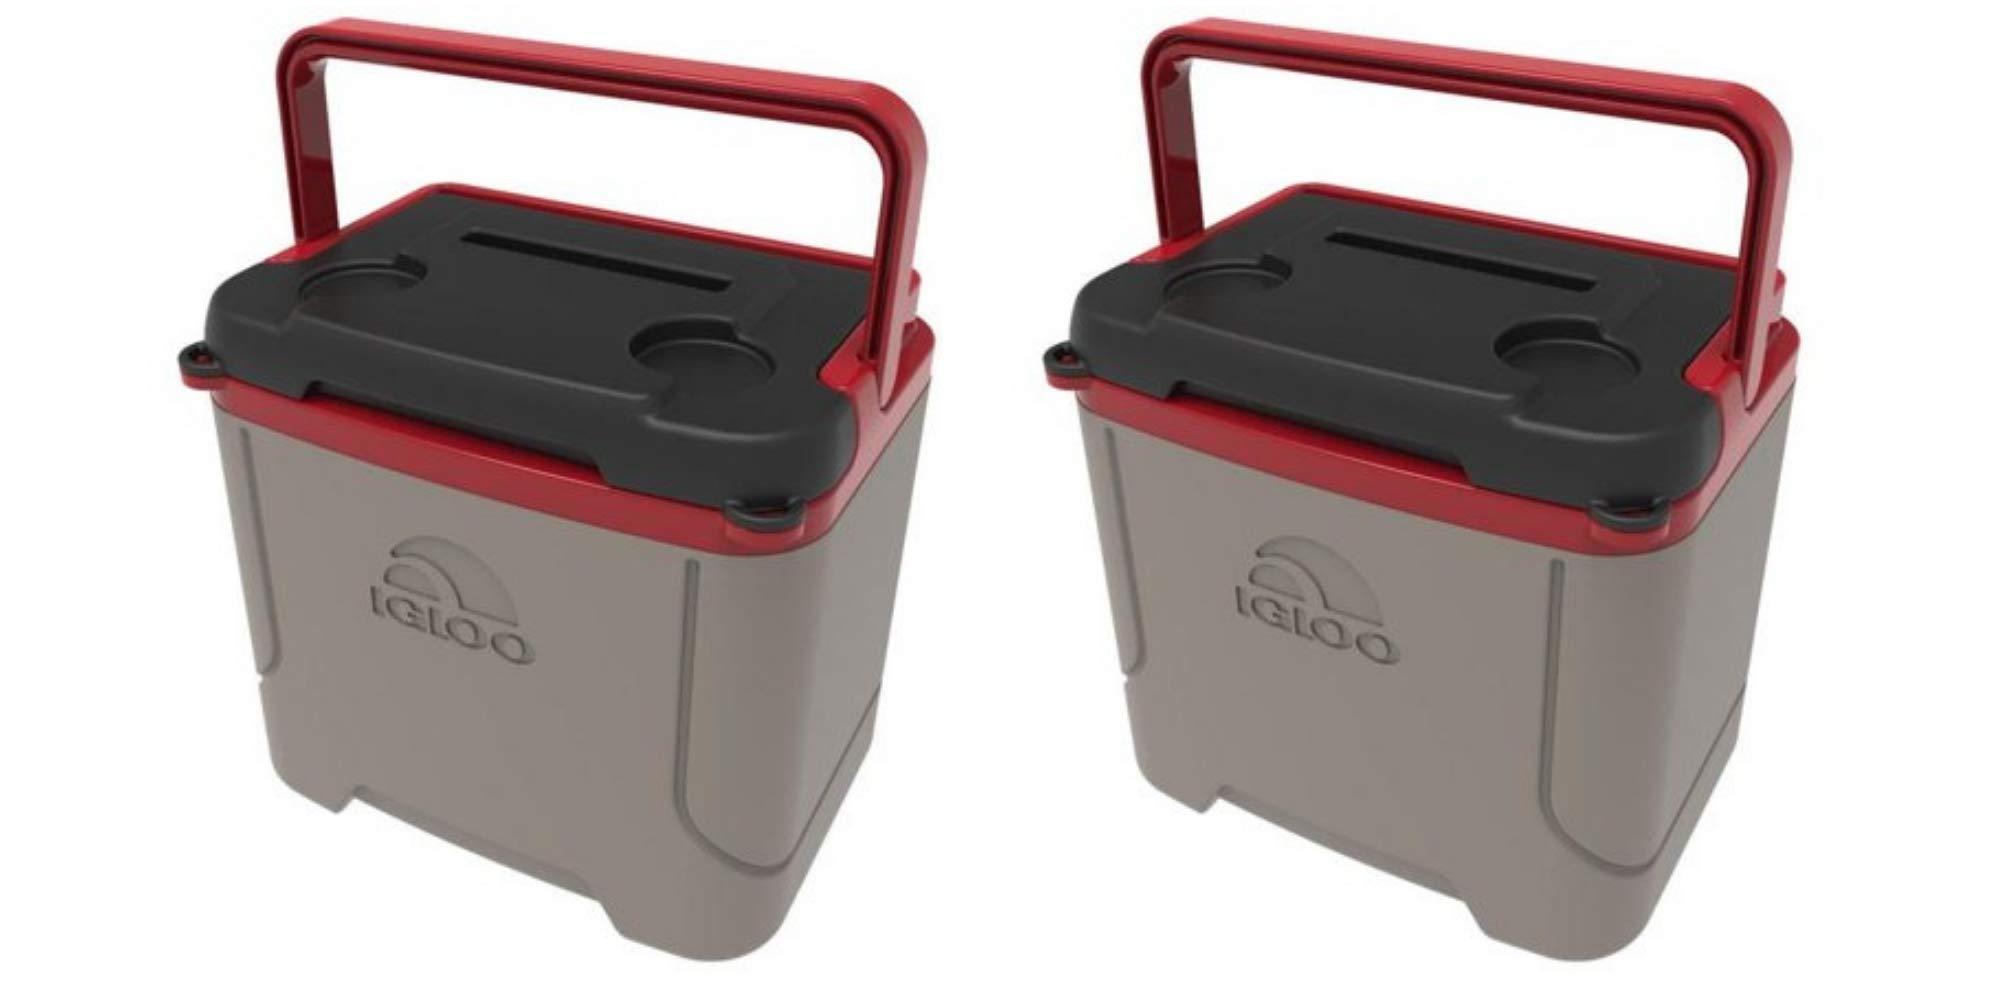 Igloo Profile 16 Quart Cooler -Sandstone/Blaze Red(Pack of 2)